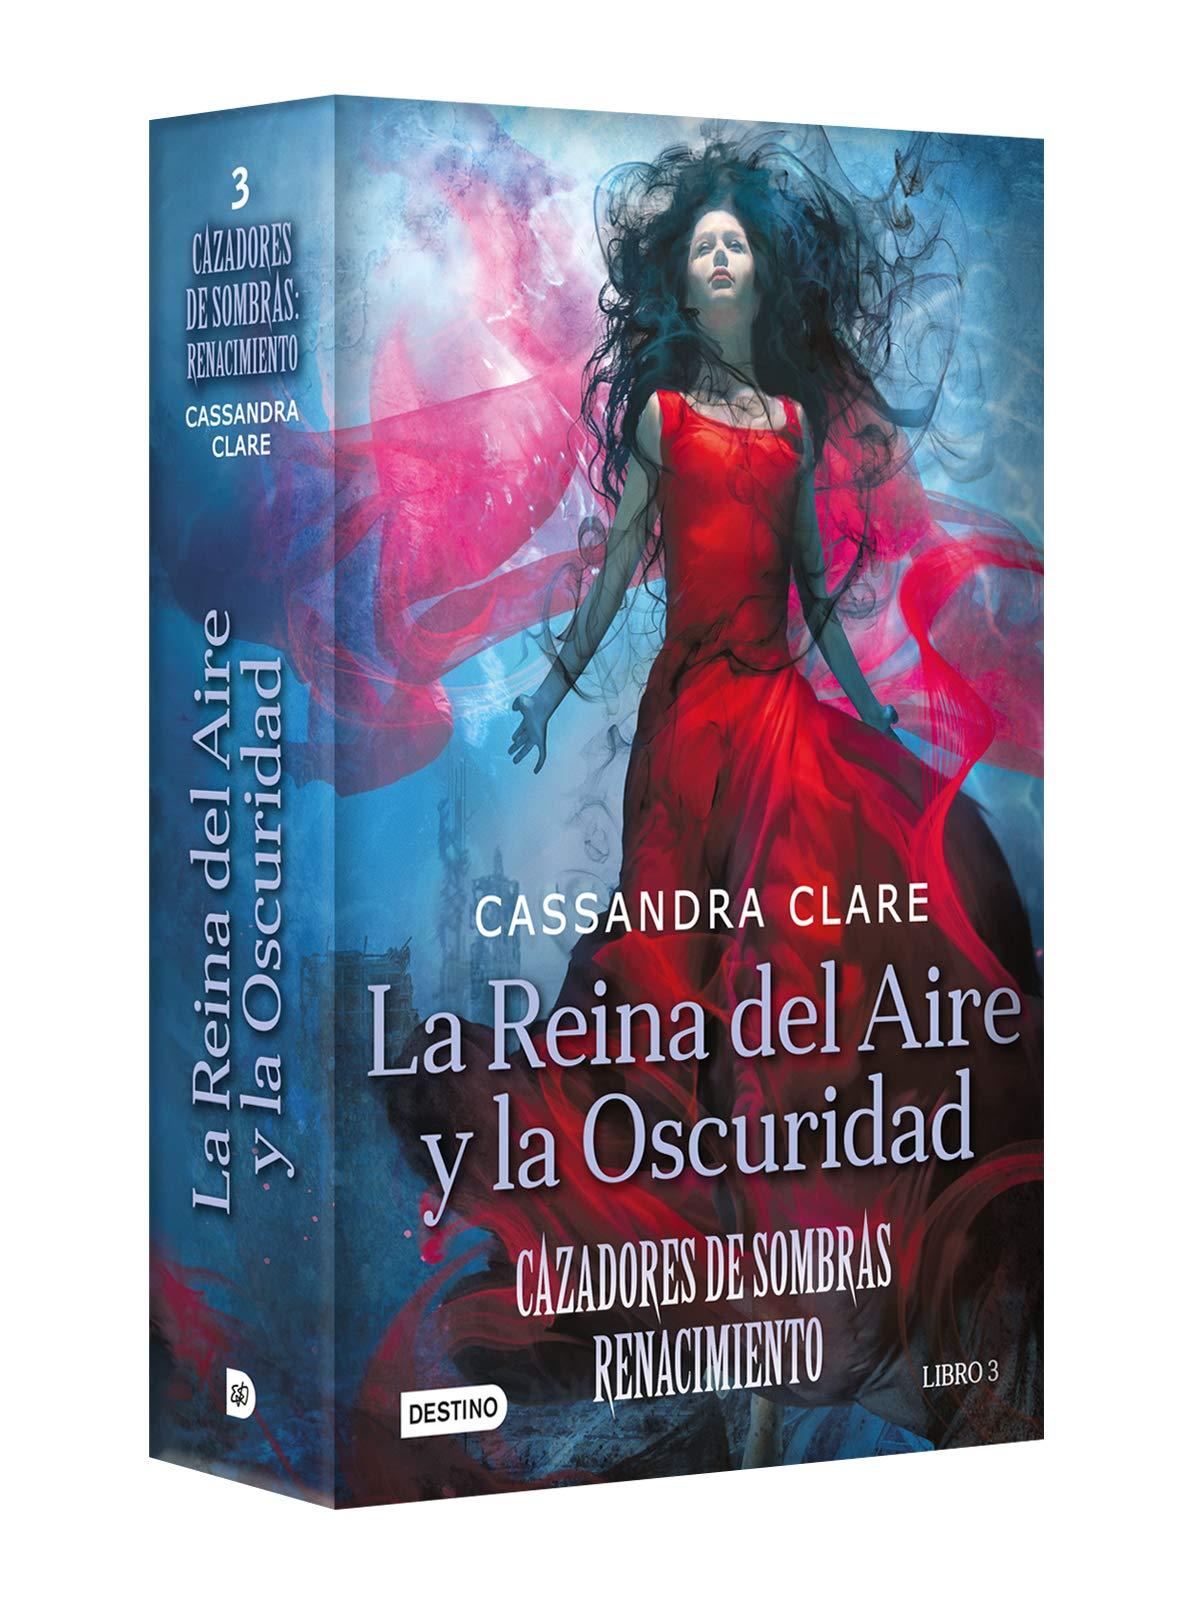 La Reina del Aire Y La Oscuridad: Cazadores de Sombras. Renacimiento 2 Dark  Artifices: Amazon.es: Cassandra Clare: Libros